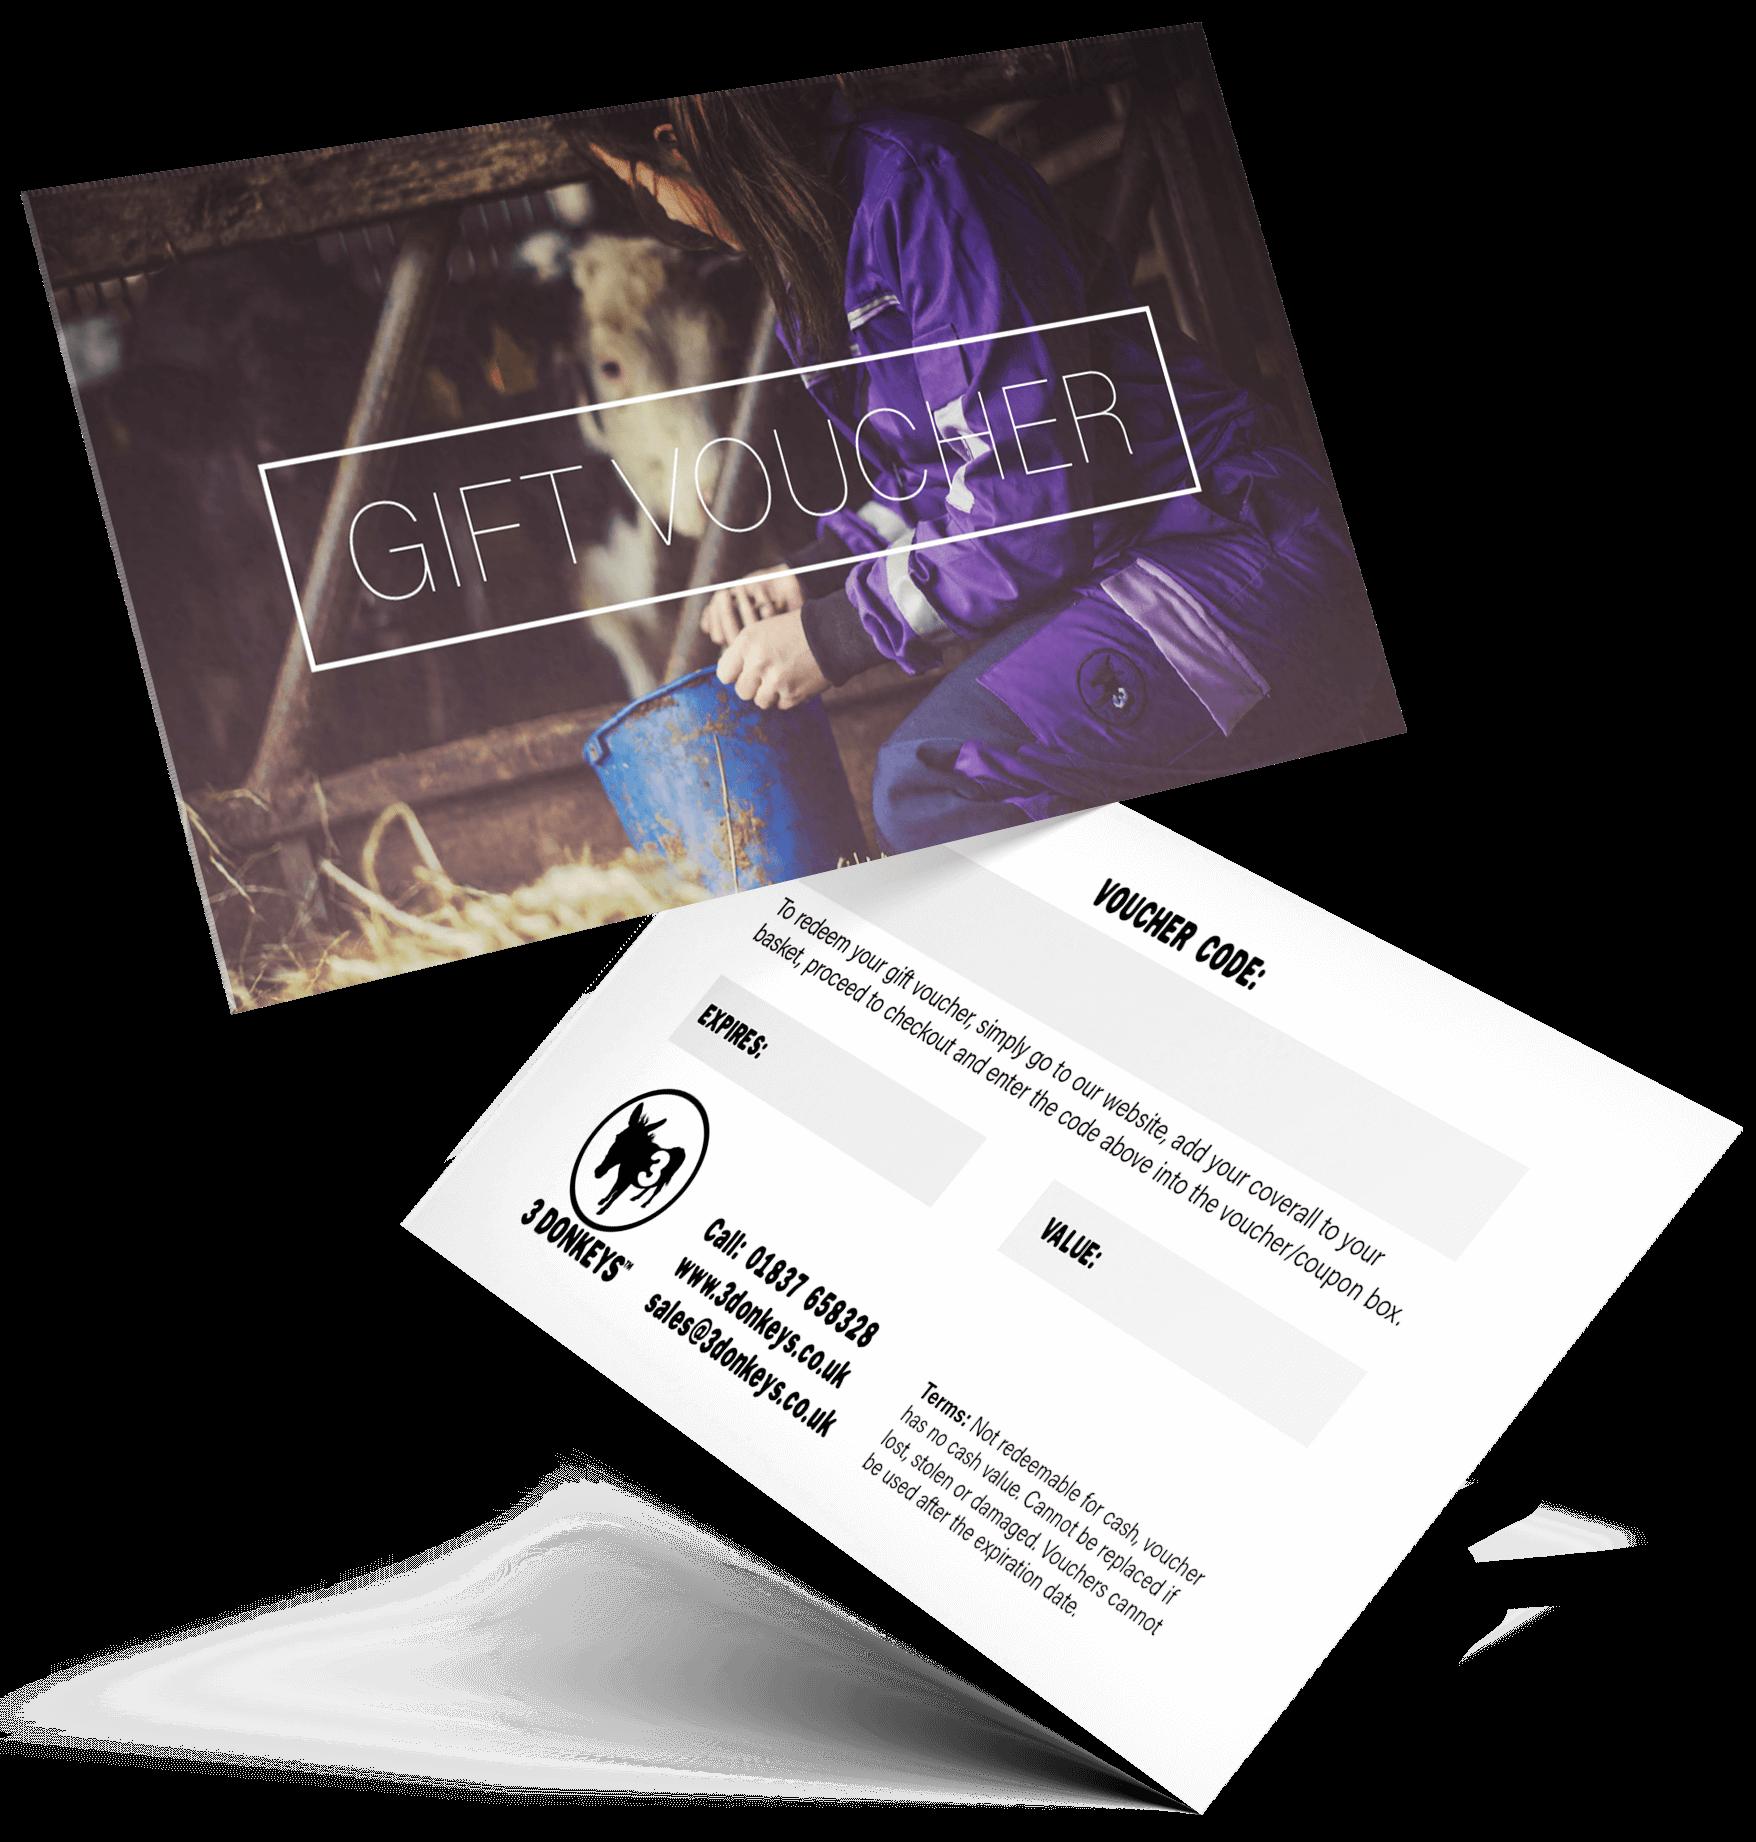 3donkey-giftvoucher-2